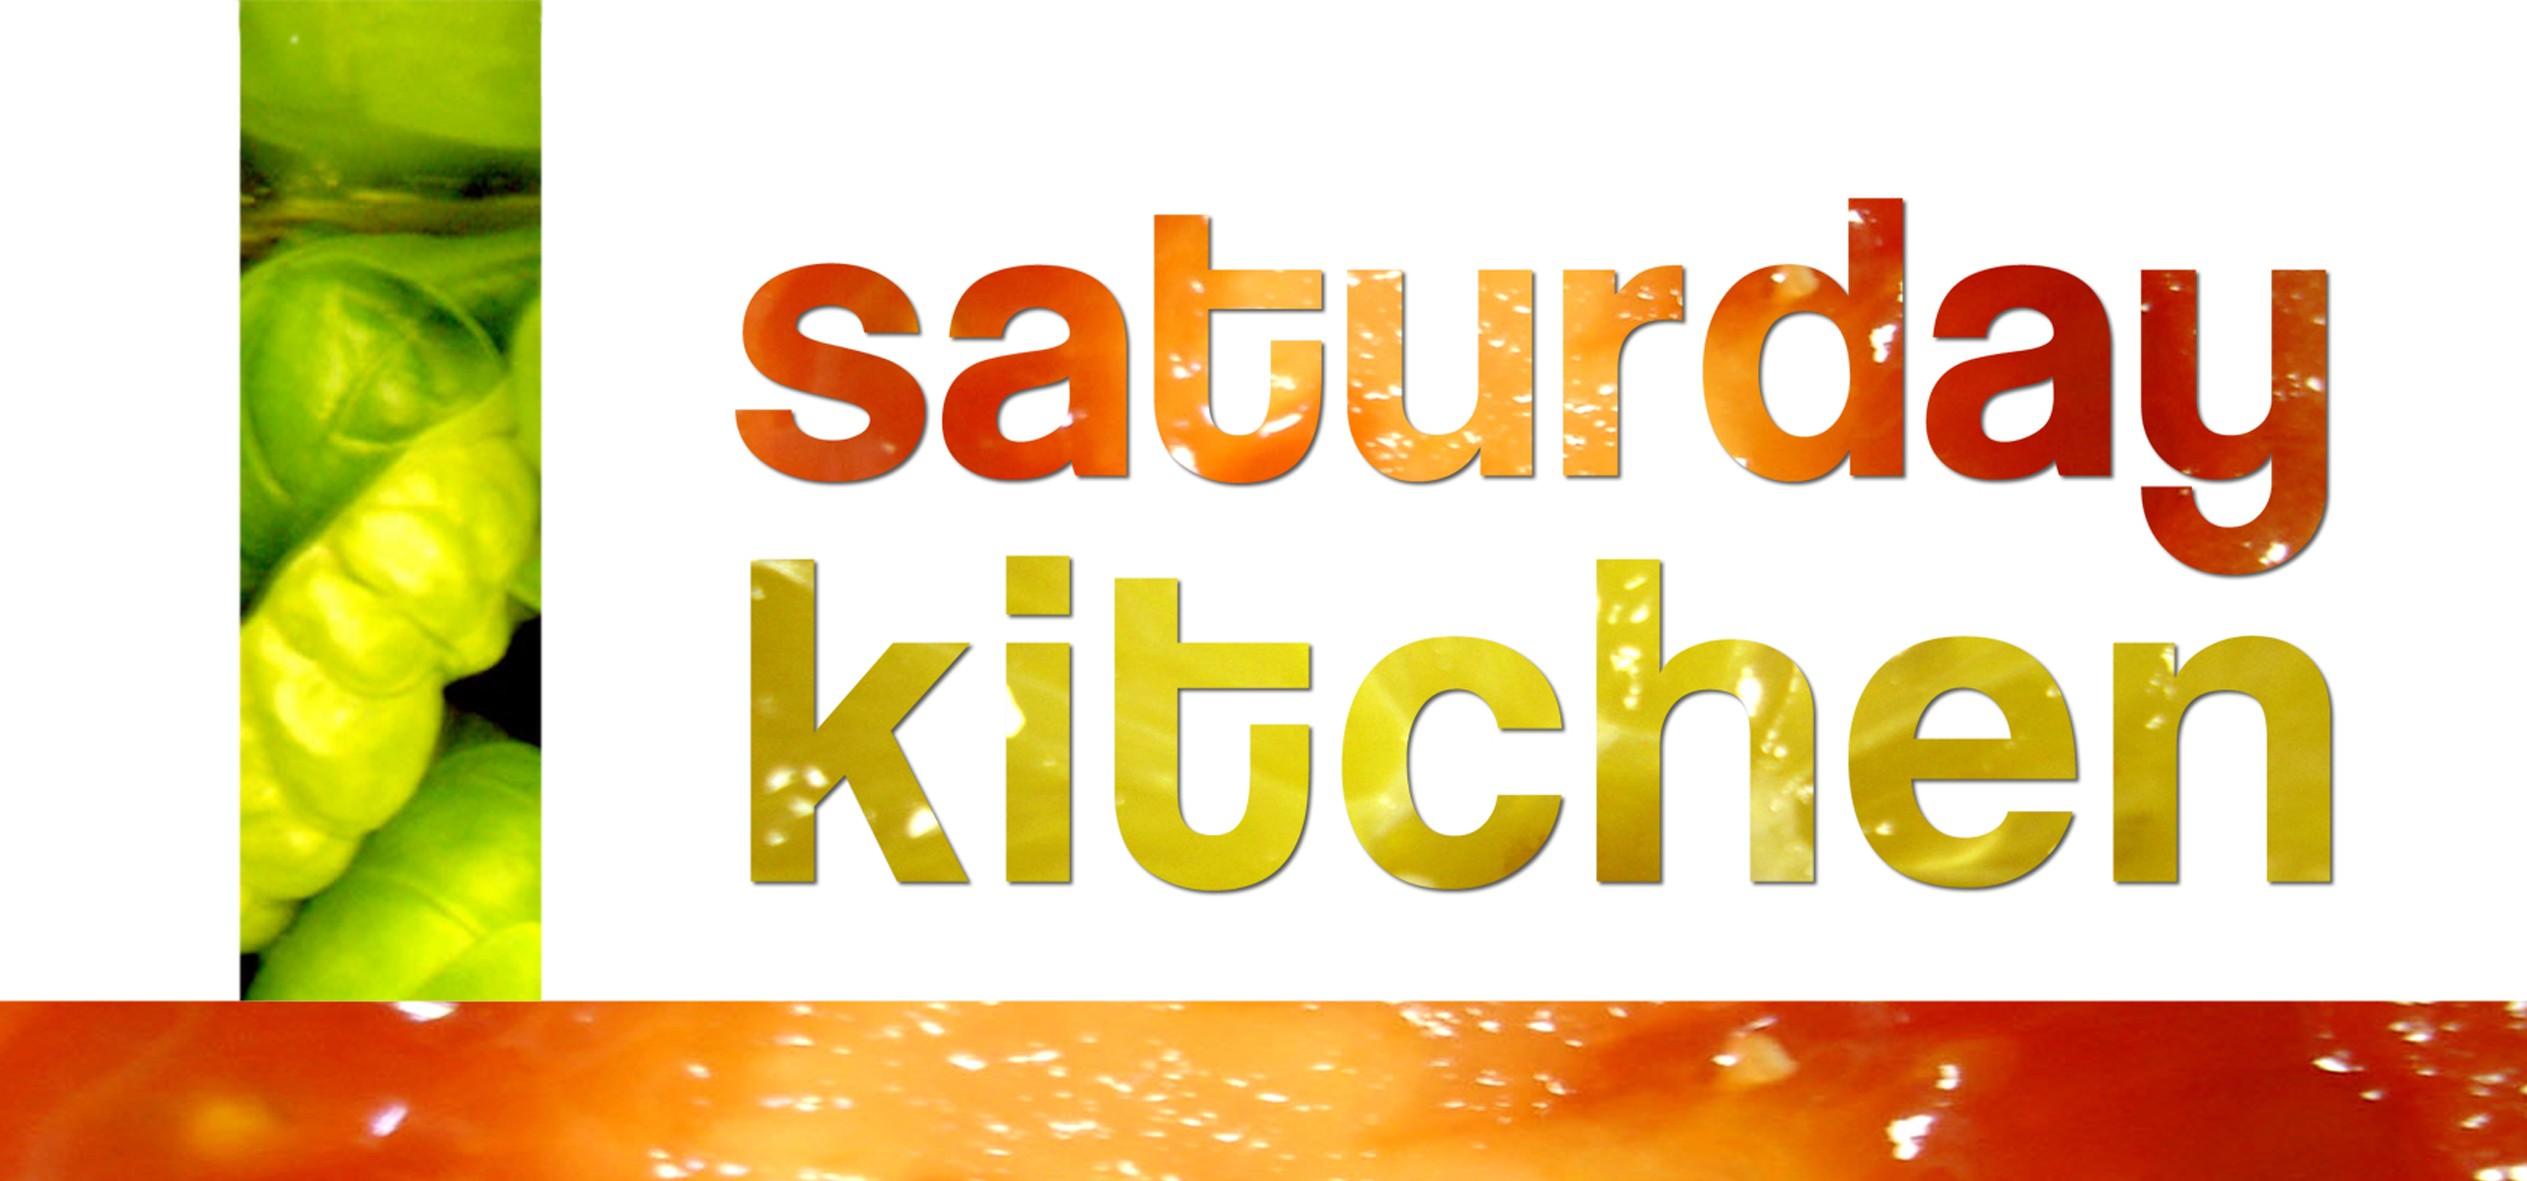 saturday-kitchen-logo-e1462369628801